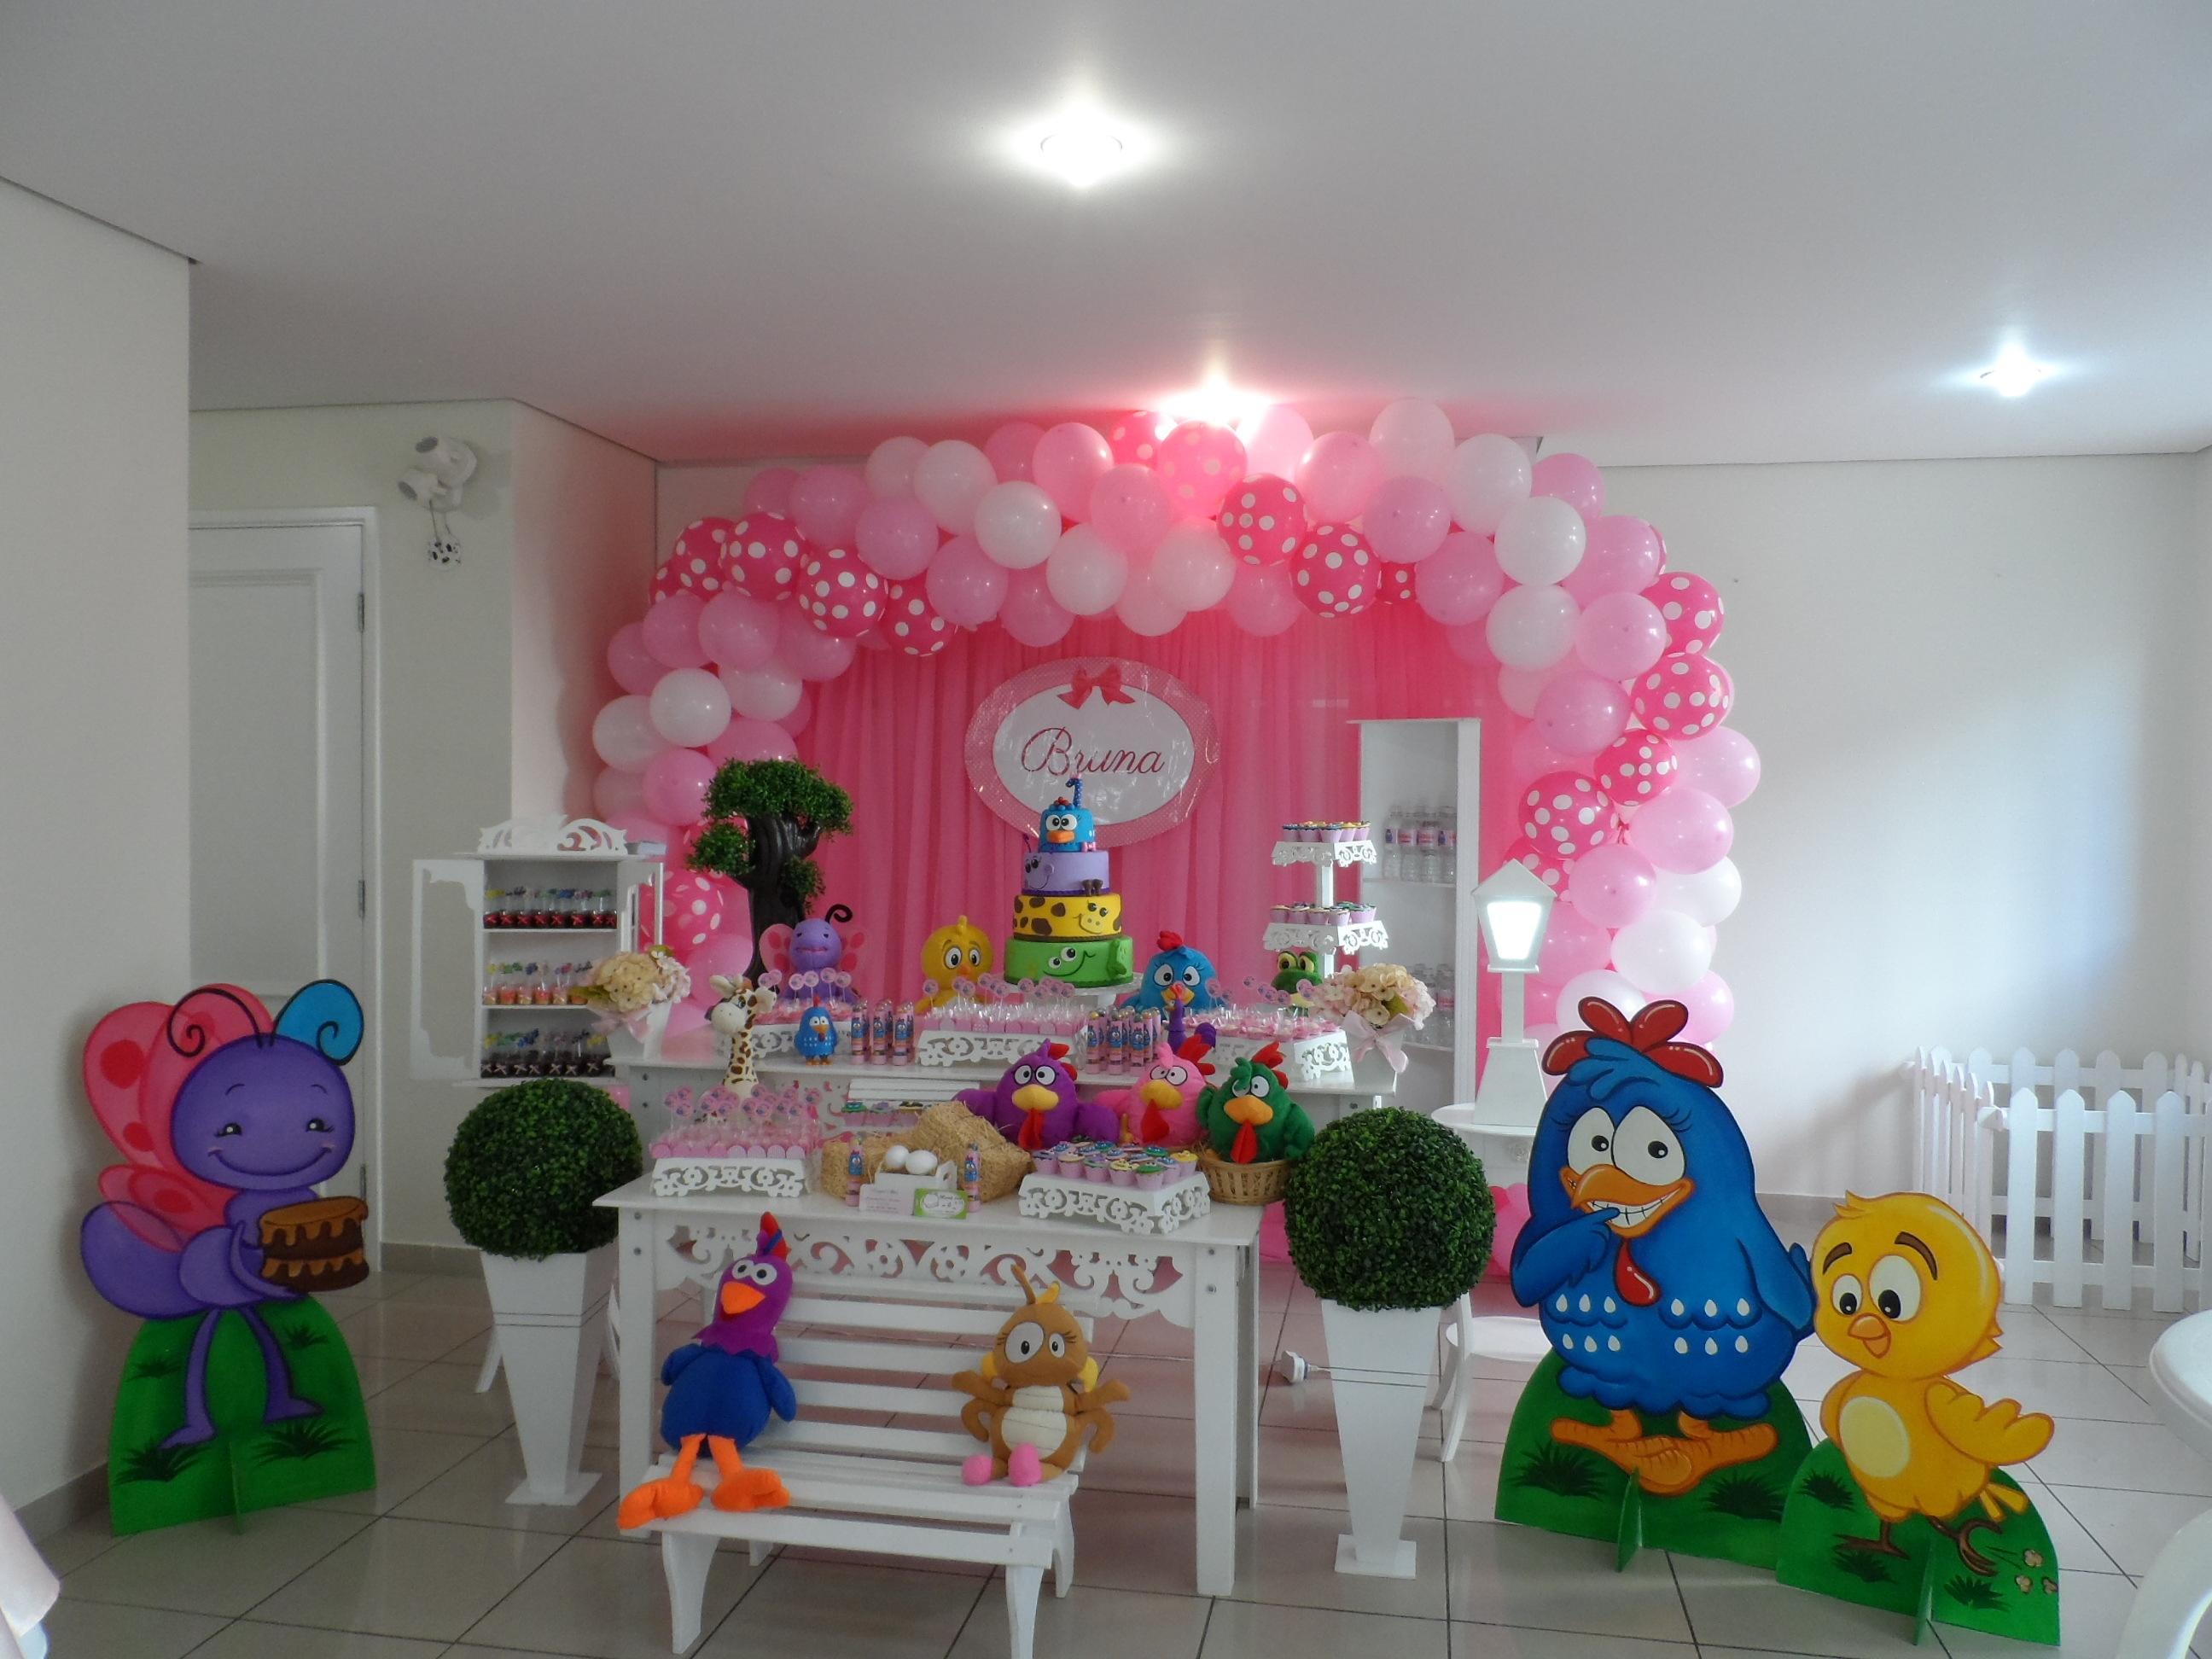 Decoraç u00e3o Galinha Pintadinha Oficina Festas Eventos Elo7 -> Decoração De Festa Infantil Da Galinha Pintadinha Rosa